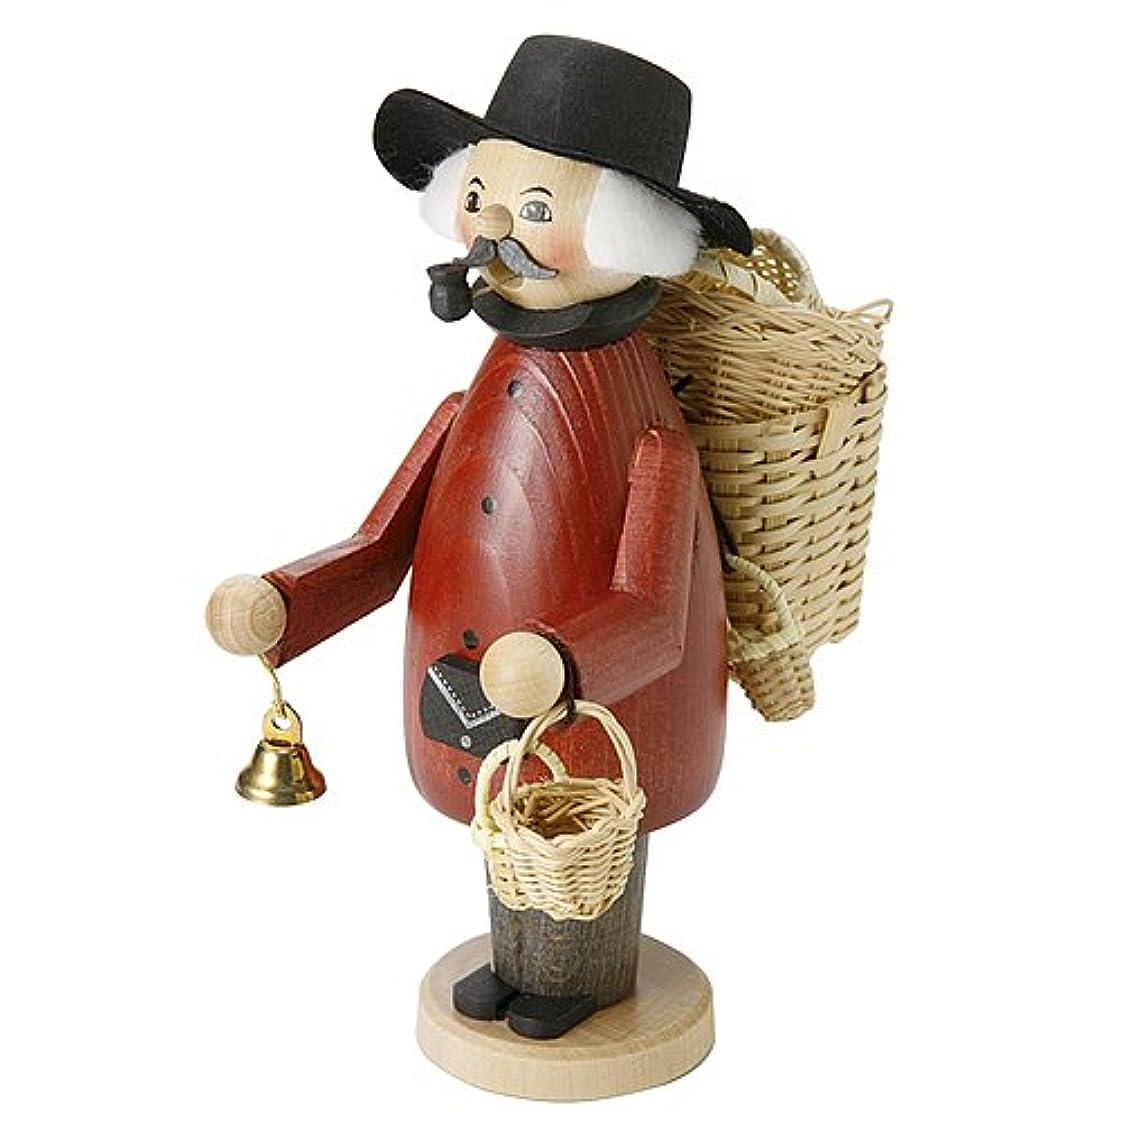 バッジアルカイック指定するkuhnert(クーネルト) パイプ人形香炉 150×200mm 「バスケット売り」